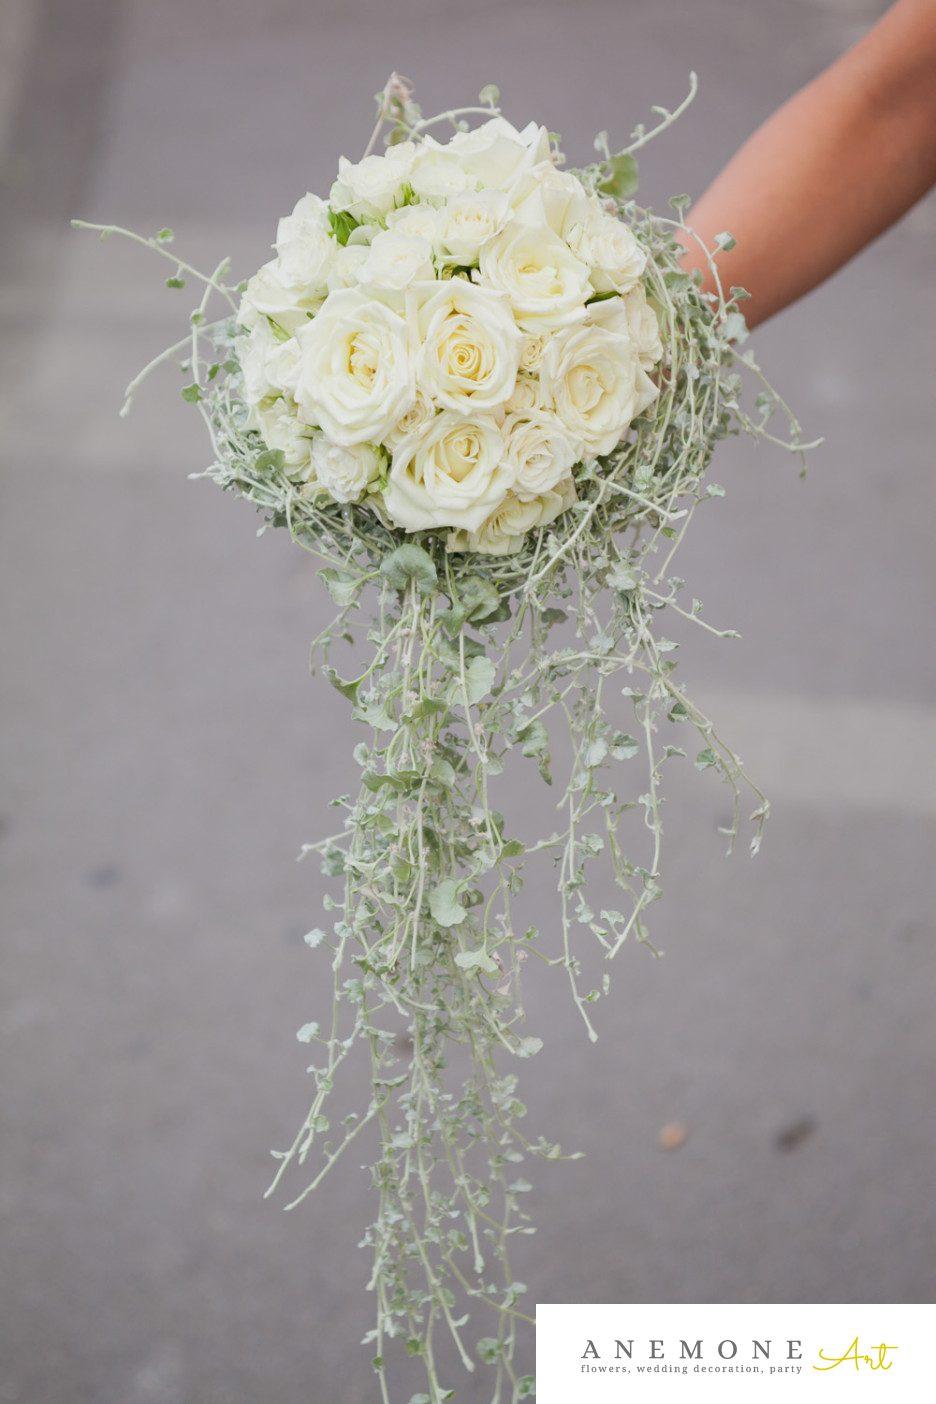 Poza, foto cu Flori de nunta alb, buchet domnisoara, trandafiri, verde in Arad, Timisoara, Oradea (wedding flowers, bouquets) nunta Arad, Timisoara, Oradea